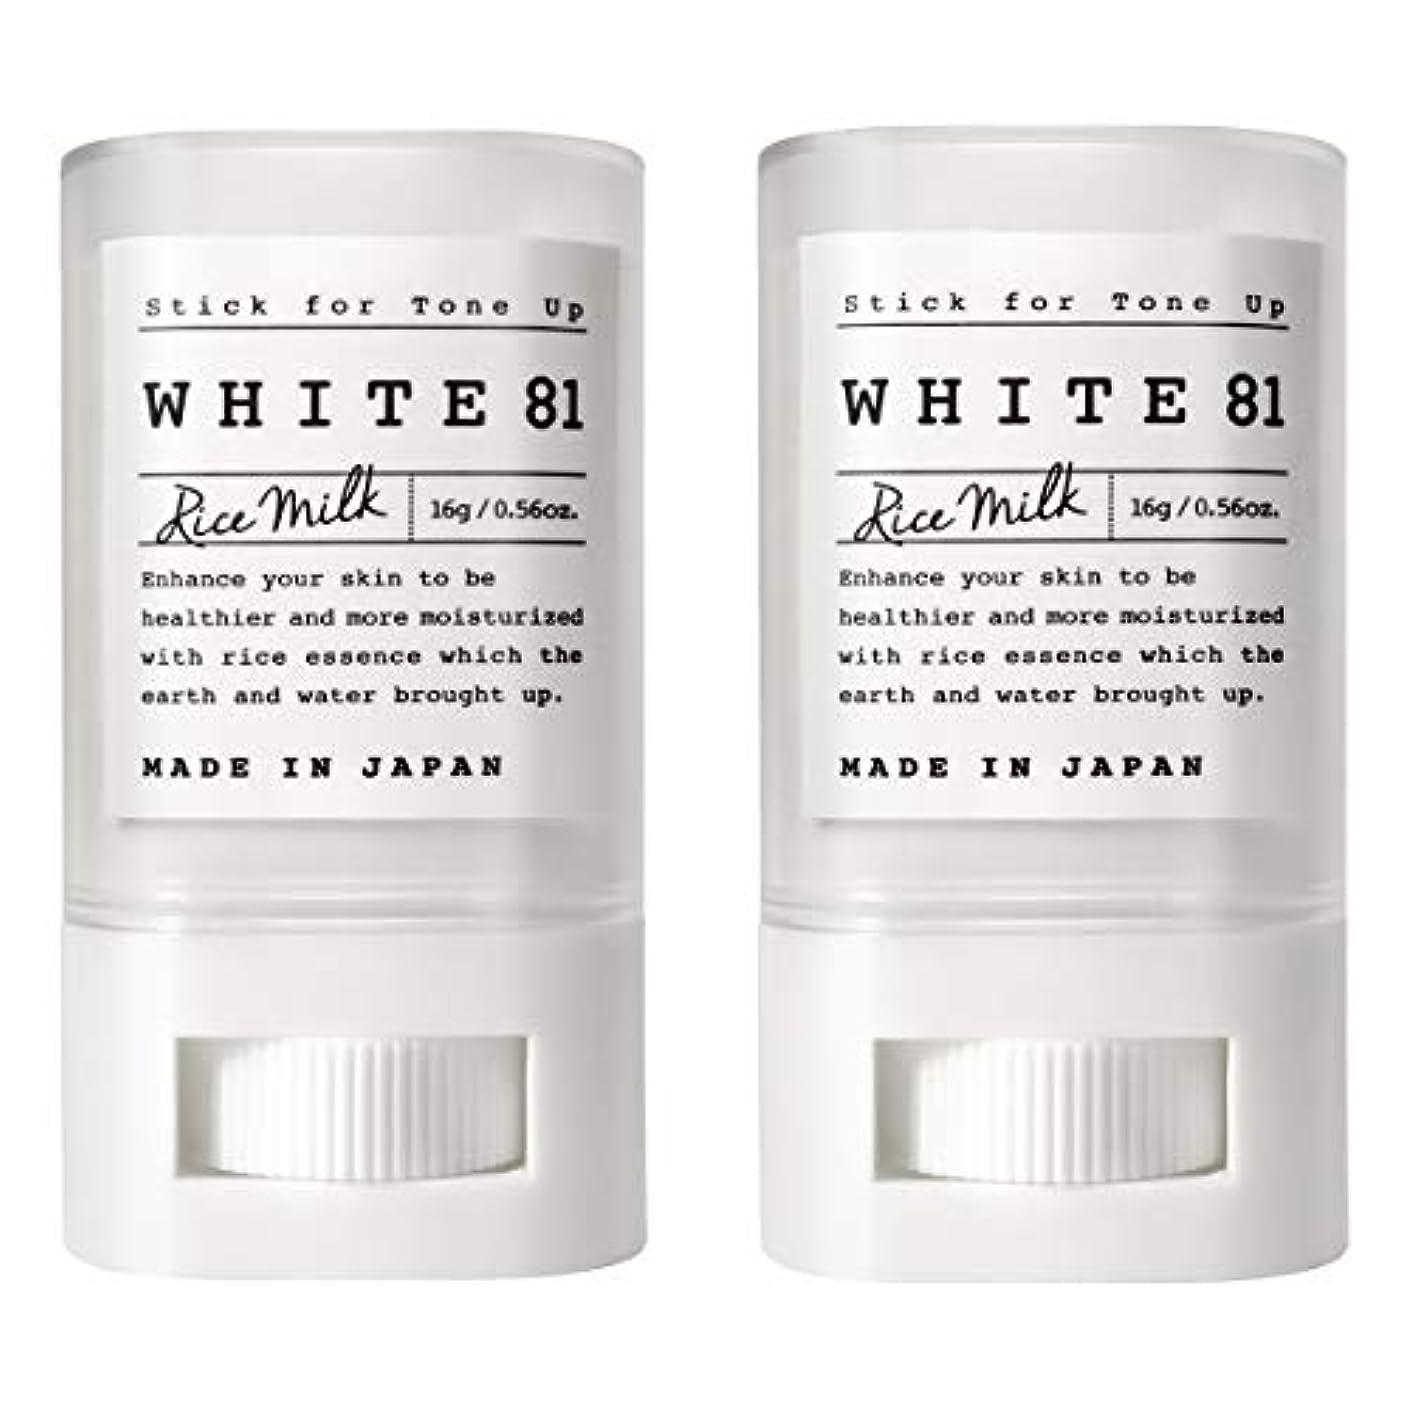 学ぶ適応する部門【お得な2個セット】WHITE81 ホワイト81 トーンアップスティック(化粧下地?日焼け止め / SPF35?PA+++?ウォータープルーフ?複合保湿成分配合?肌に優しい6種のフリー / 日本製)